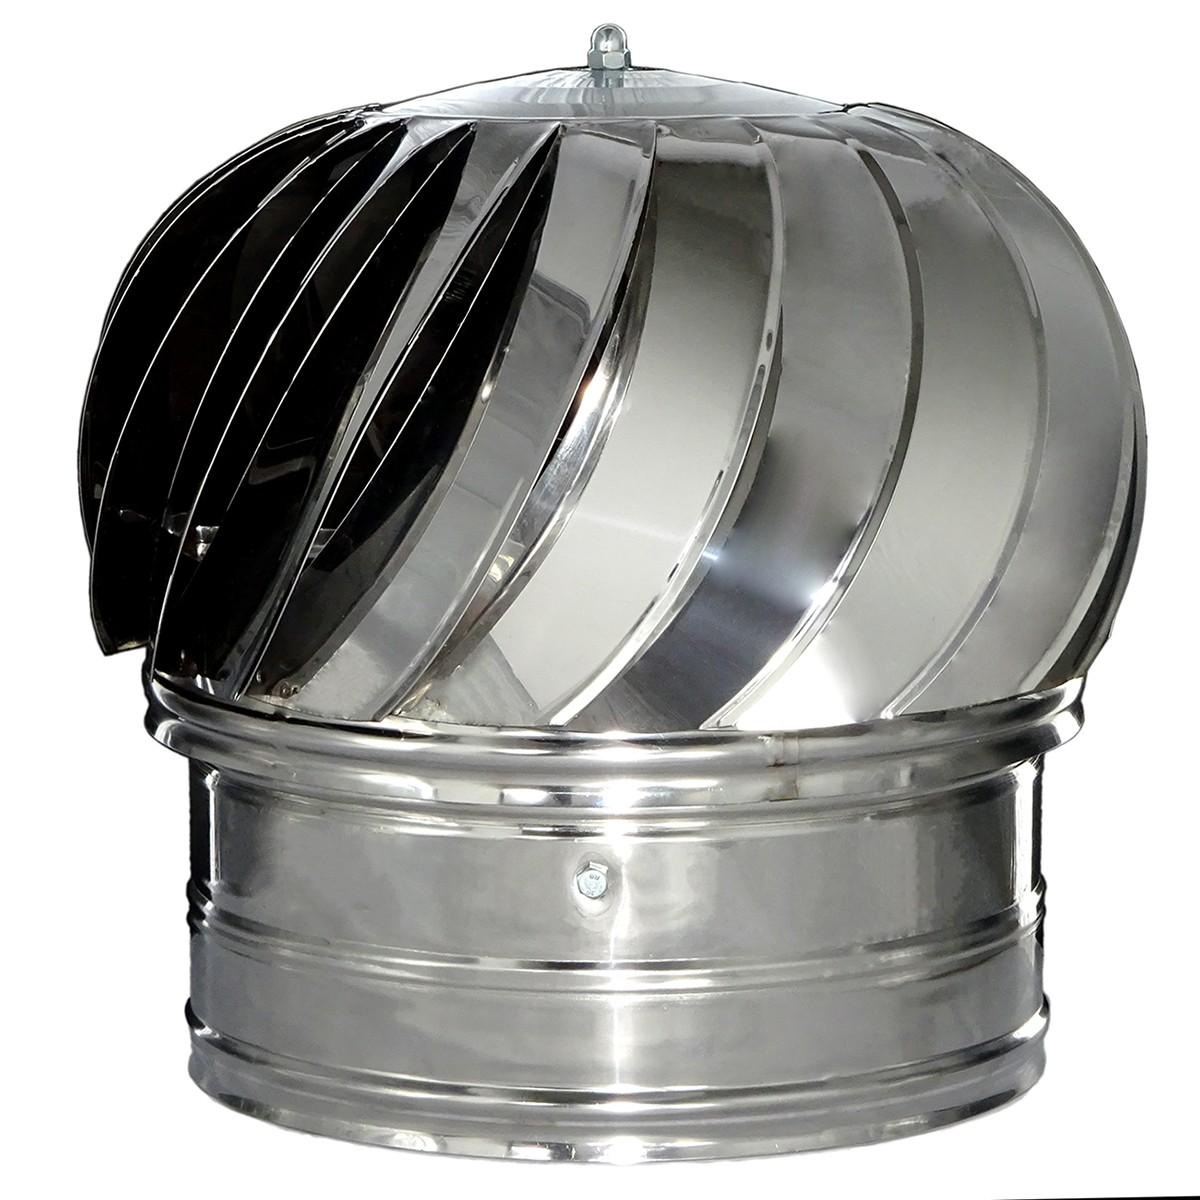 Pălărie rotativă din inox pentru coșuri de fum - Ø 250mm